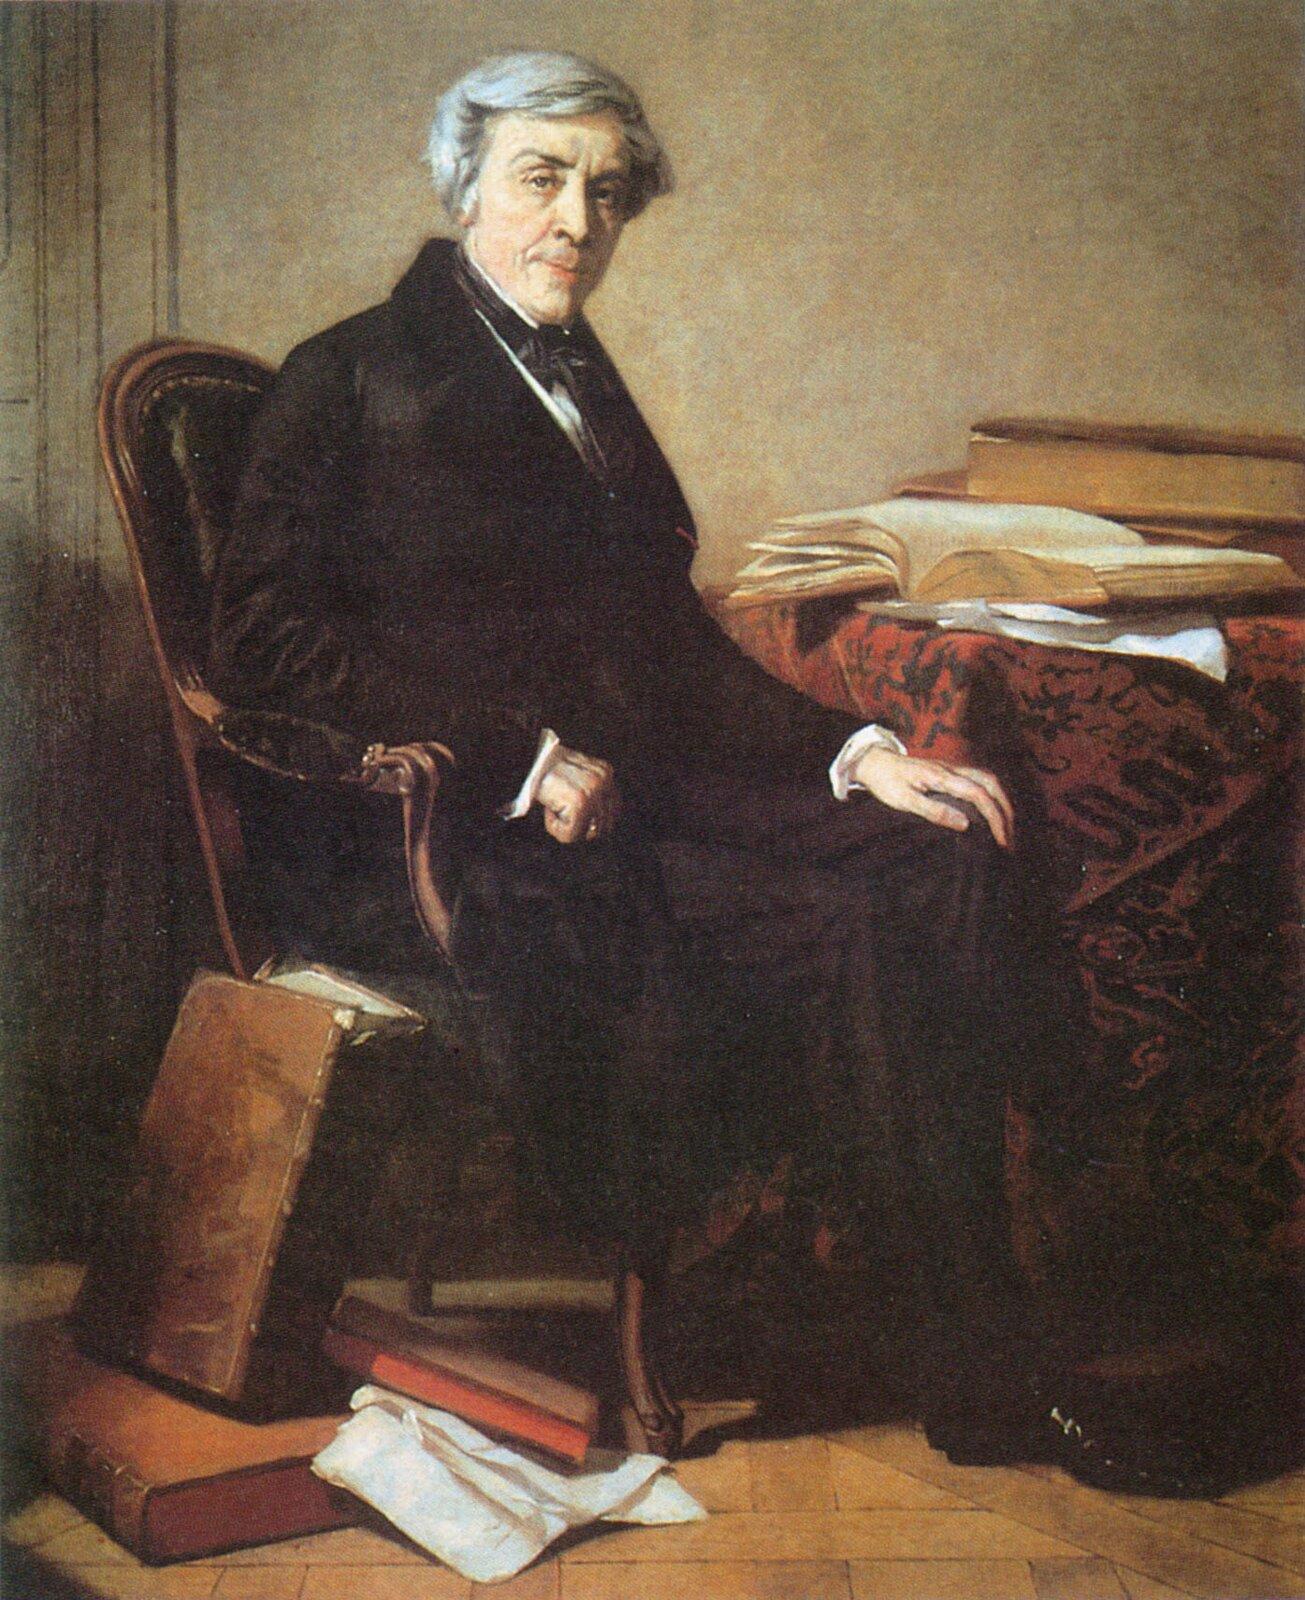 Siwowłosy mężczyzna ubrany wbrązowe ubranie siedzi na fotelu przy stole. Na stole leży czerwono-brązowy obrus. Wokół meżczyzny na biurku ina podłodze leżą porozkładane książki ikartki papieru.